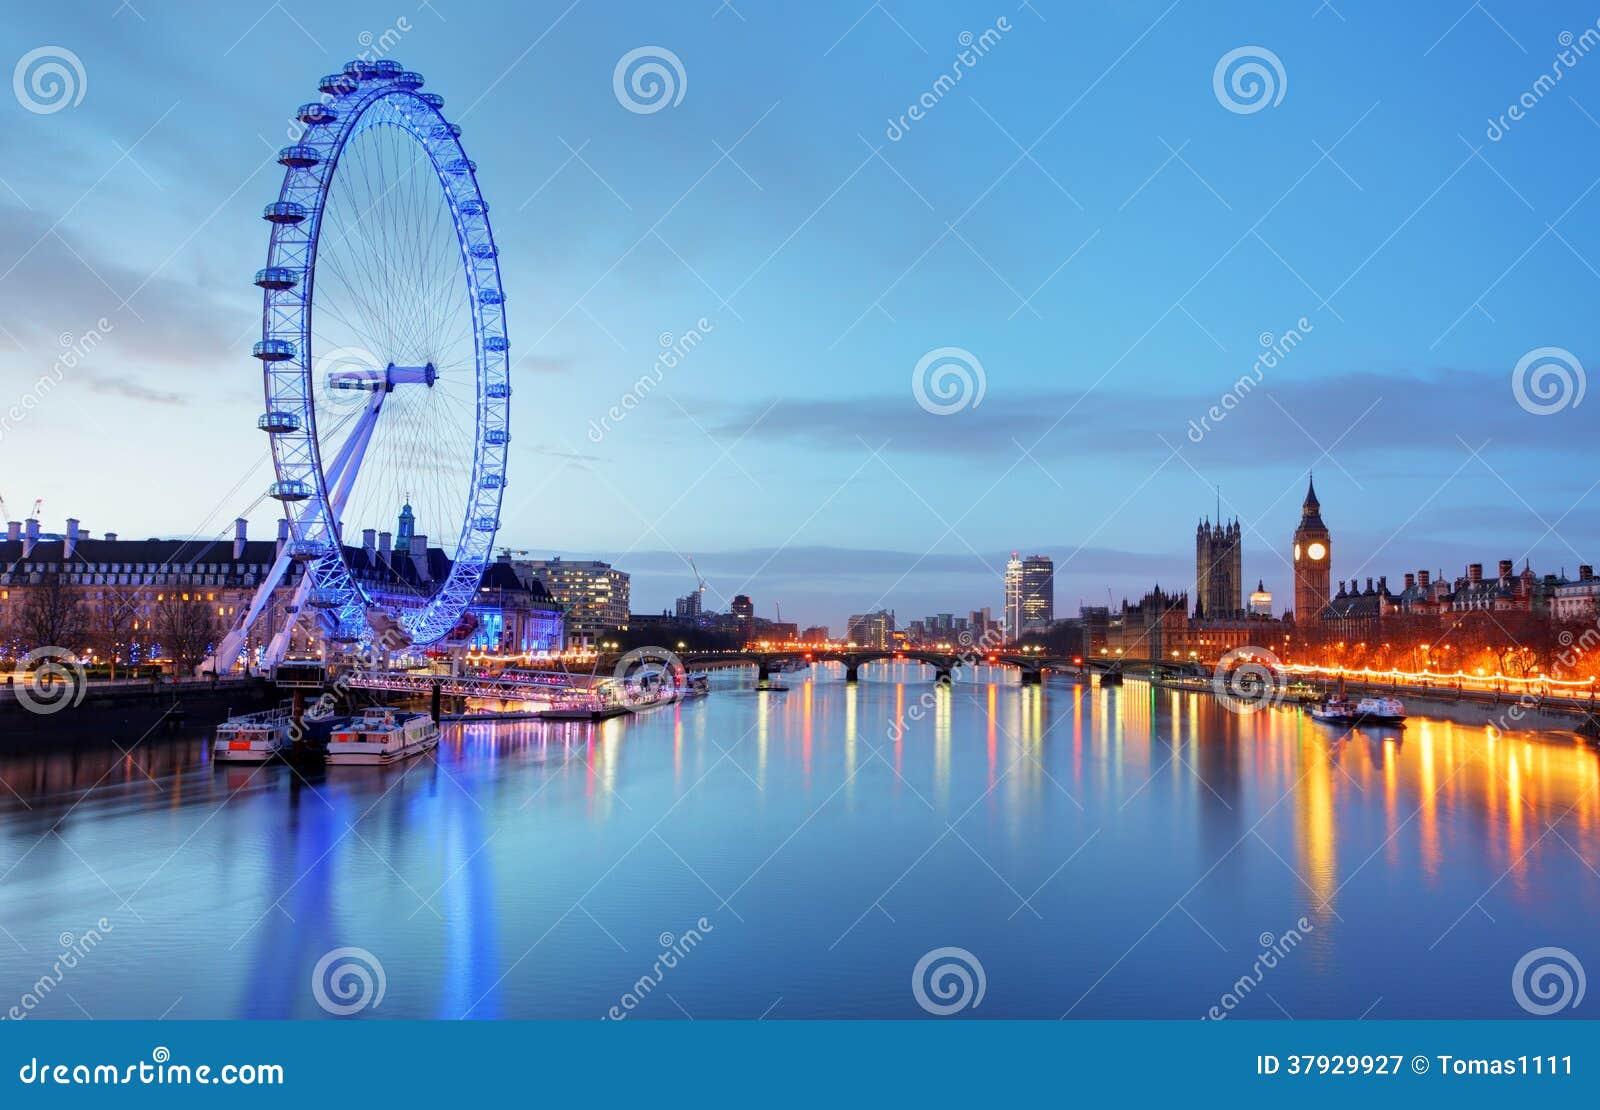 ЛОНДОН, ВЕЛИКОБРИТАНИЯ - 19-ОЕ ИЮНЯ: Глаз Лондона 19-ого июня 2013 внутри